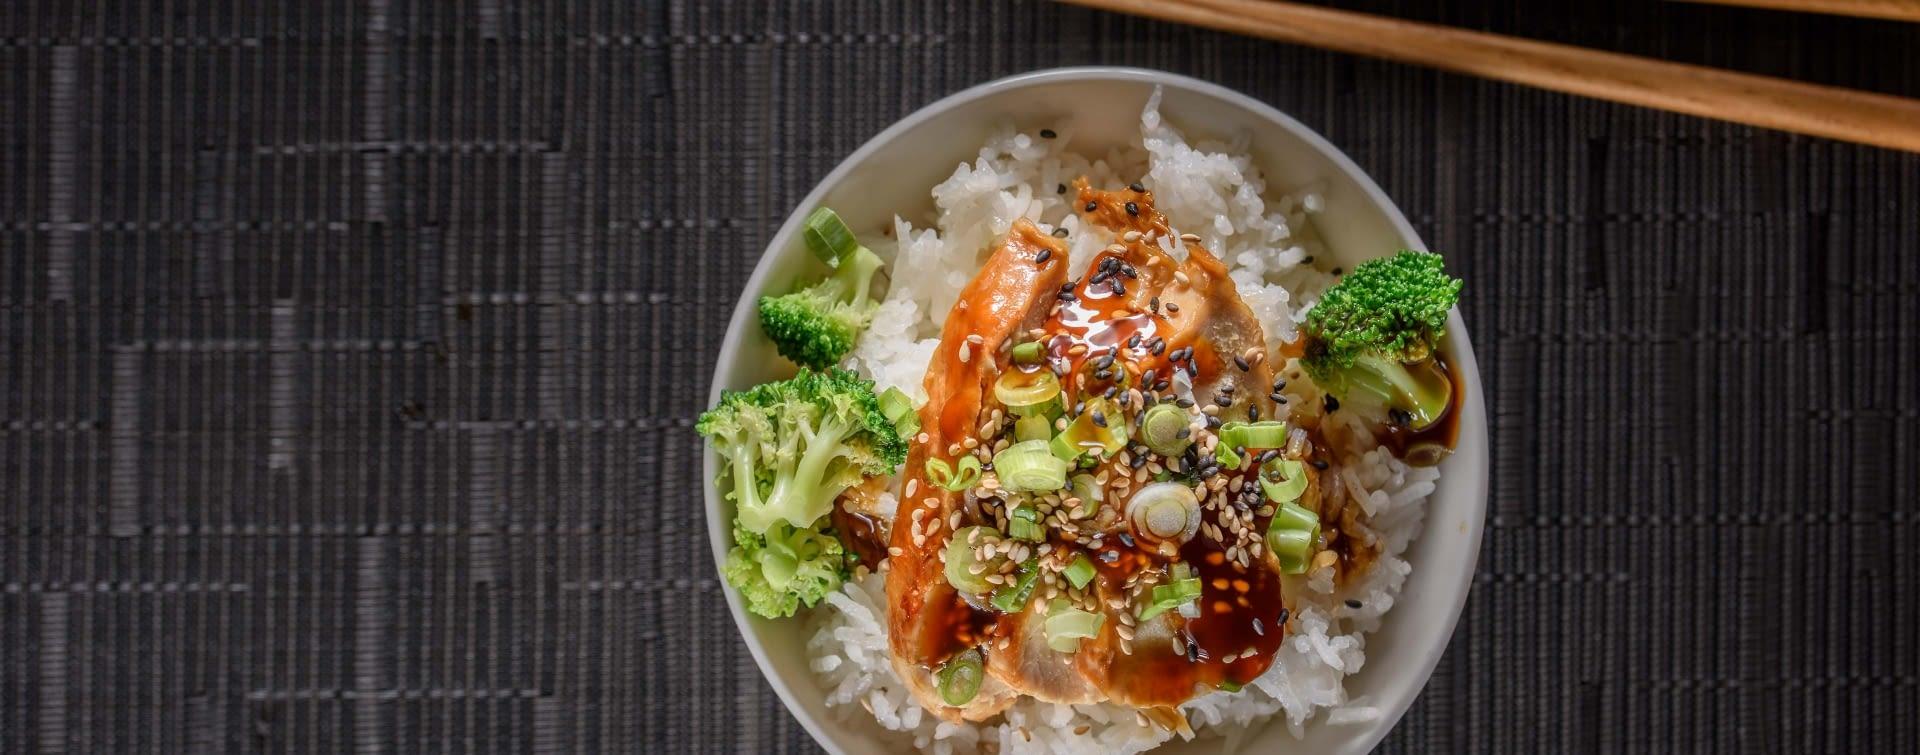 Reis mit Hähnchen-Teriyaki - Marquardt Küchen